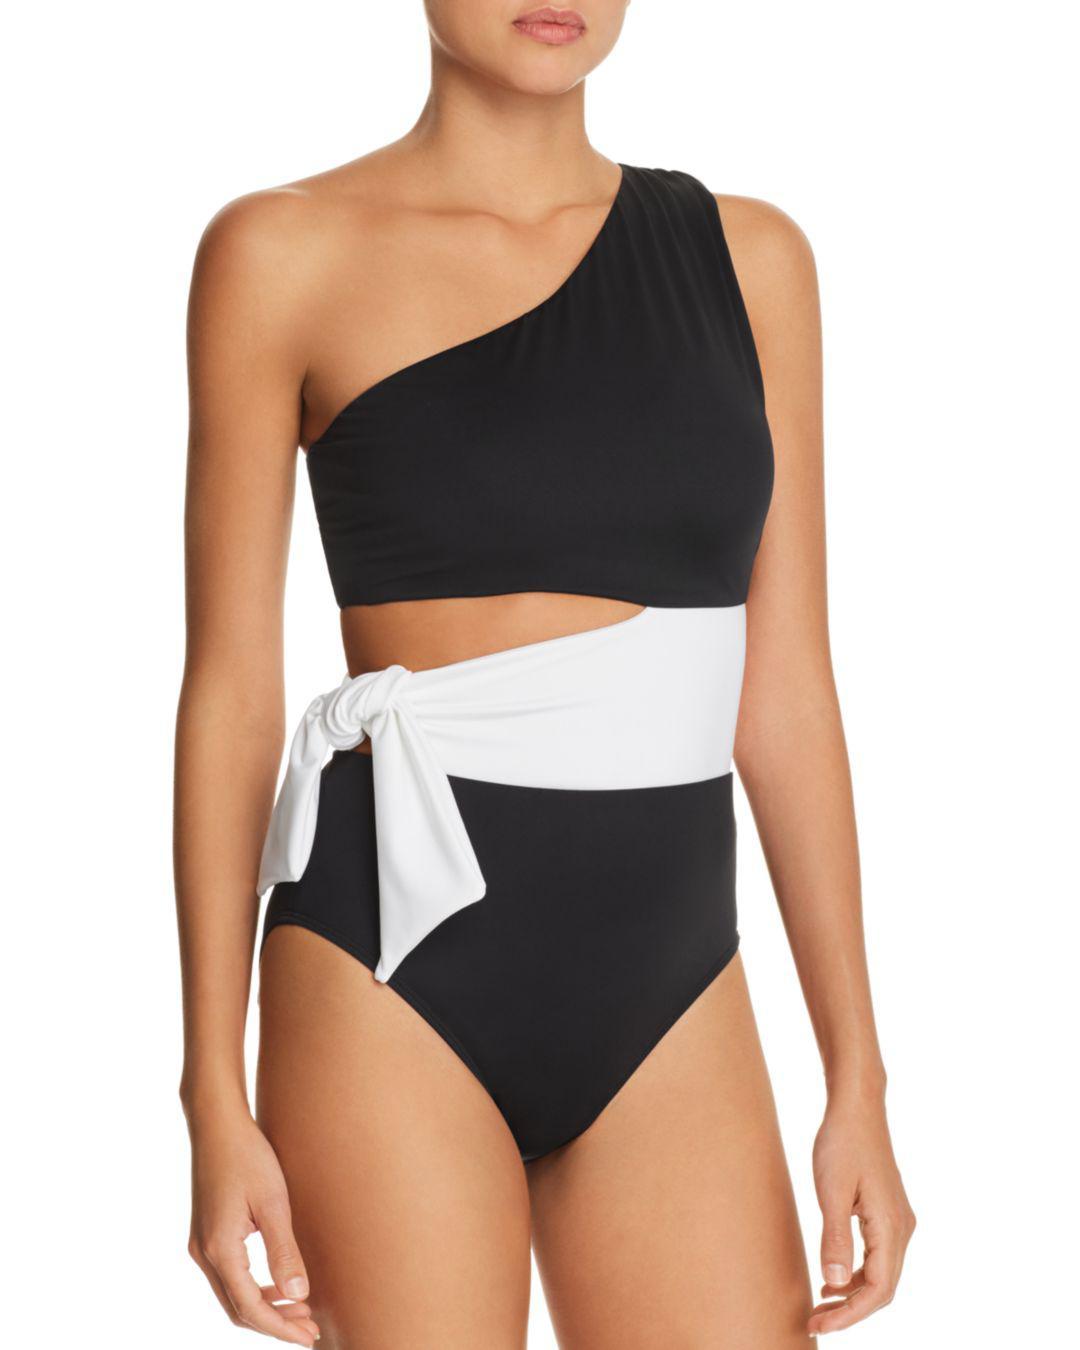 663e08d0ed Ralph Lauren. Women s Black Lauren Bel Aire Cutout One-shoulder One Piece  Swimsuit